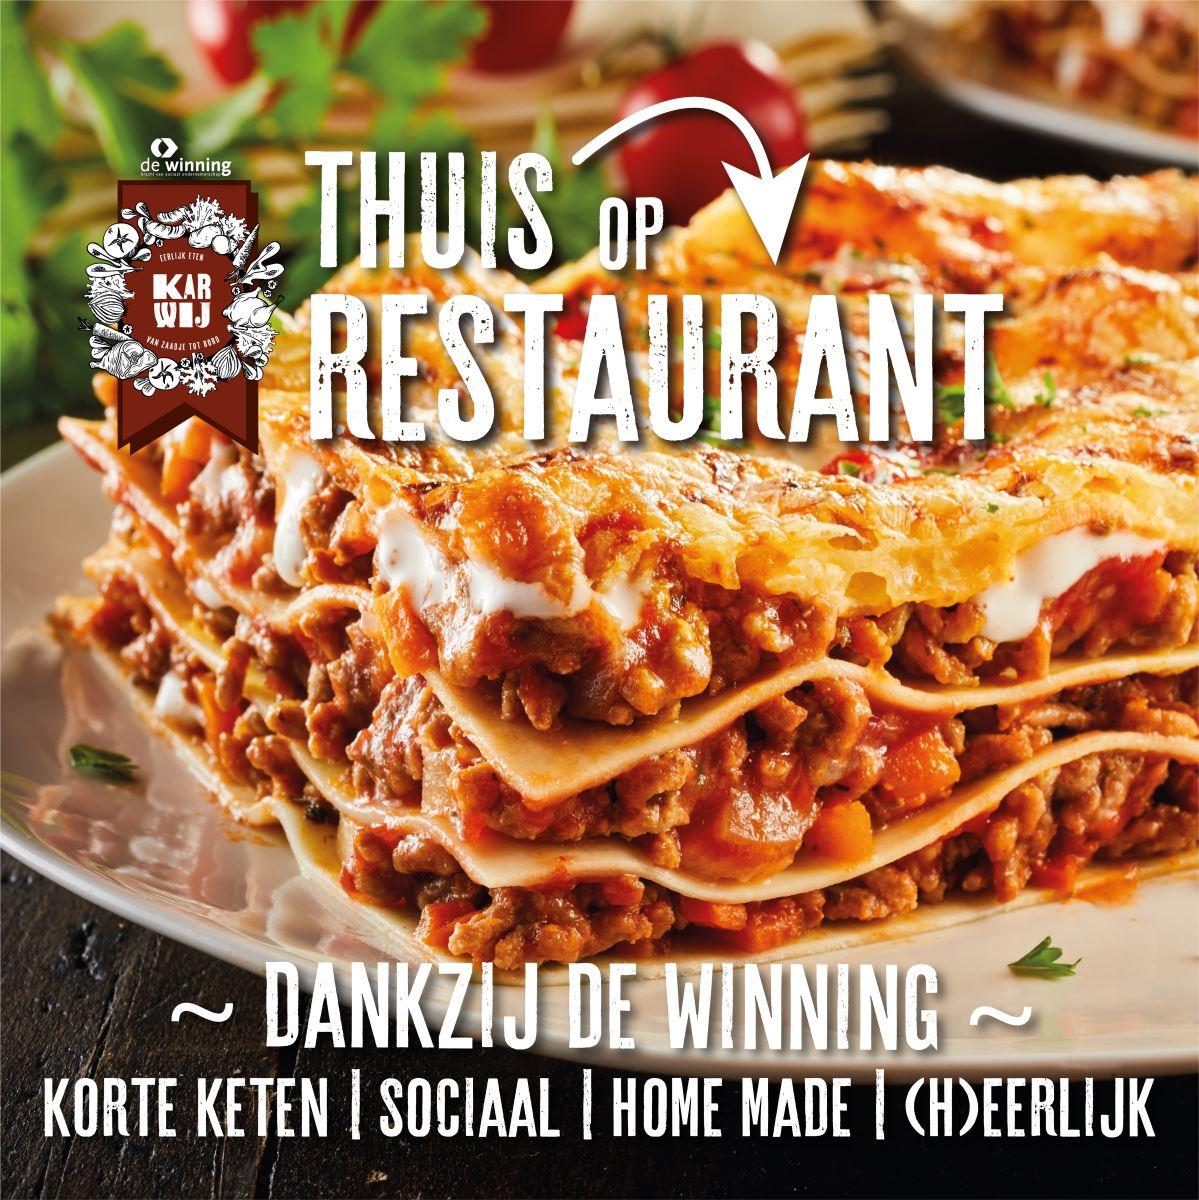 Afbeelding met tekst, voedsel, pasta, schotelAutomatisch gegenereerde beschrijving